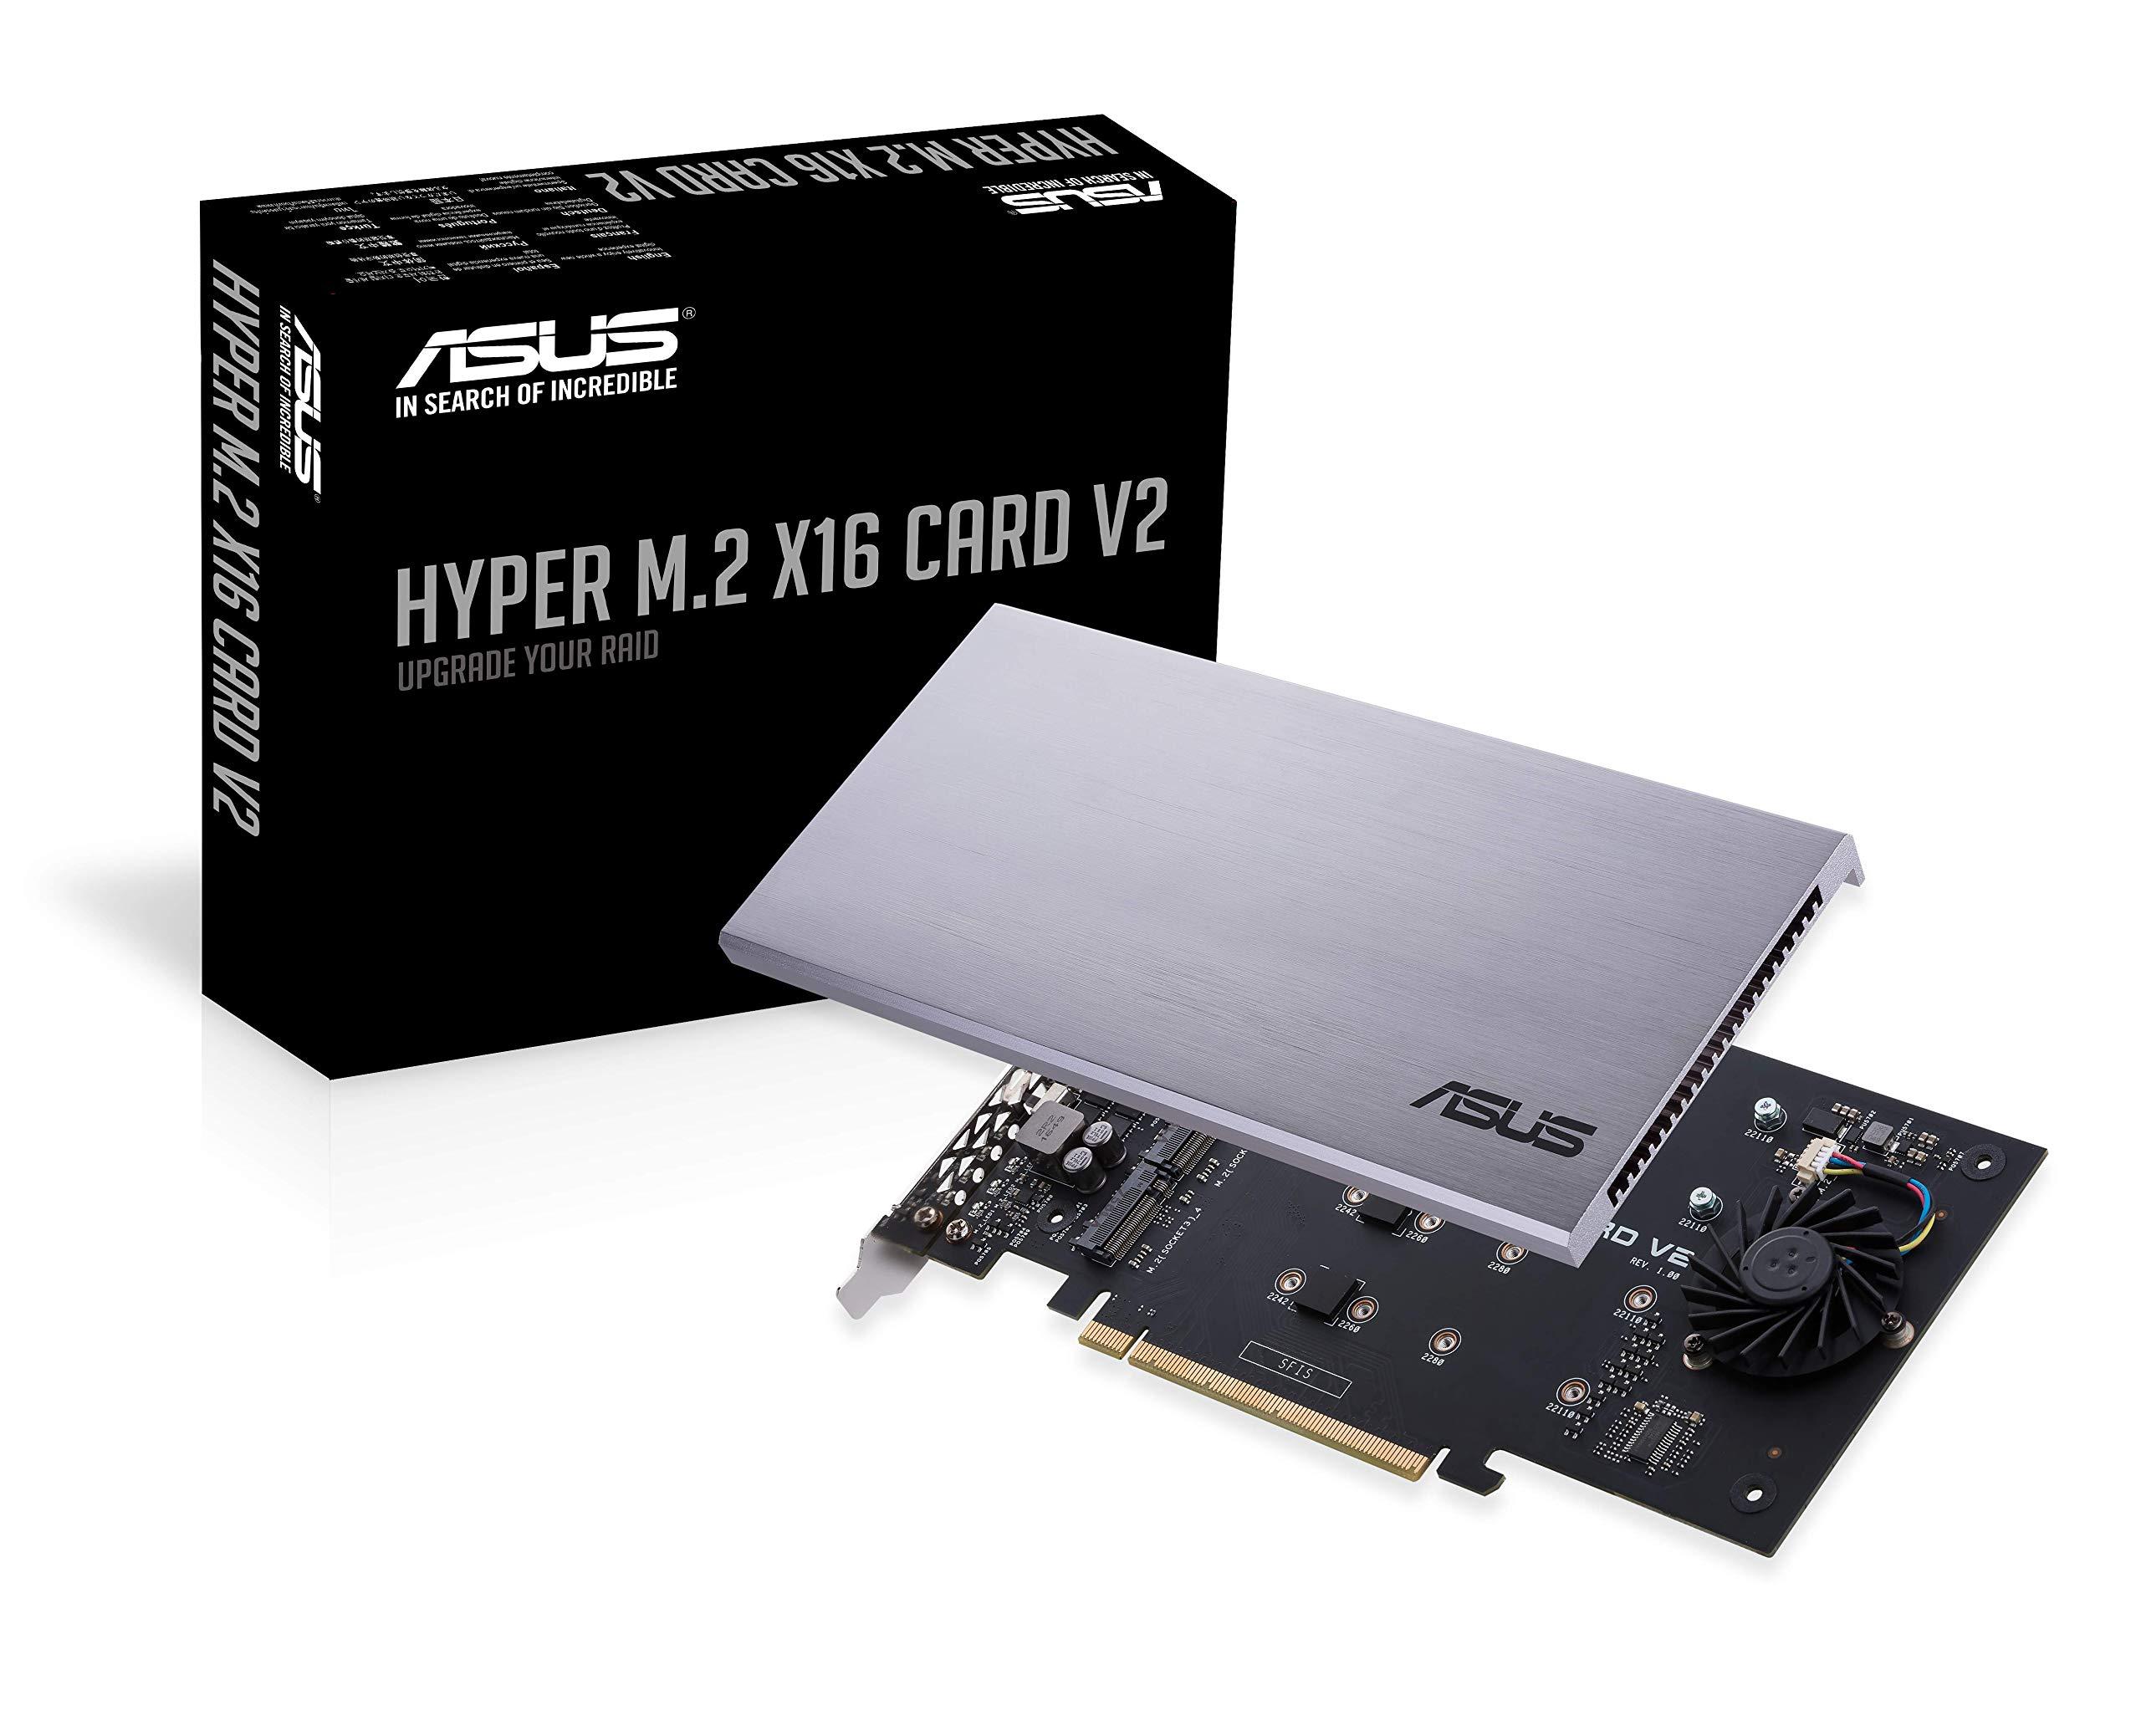 Tarjeta De Expansion Asus Hyper M.2 X16 Pcie 3.0 X4 V2 Compatible Con 4 Nvme M.2 (2242/2260/2280/22110) Hasta 128 Gbps P